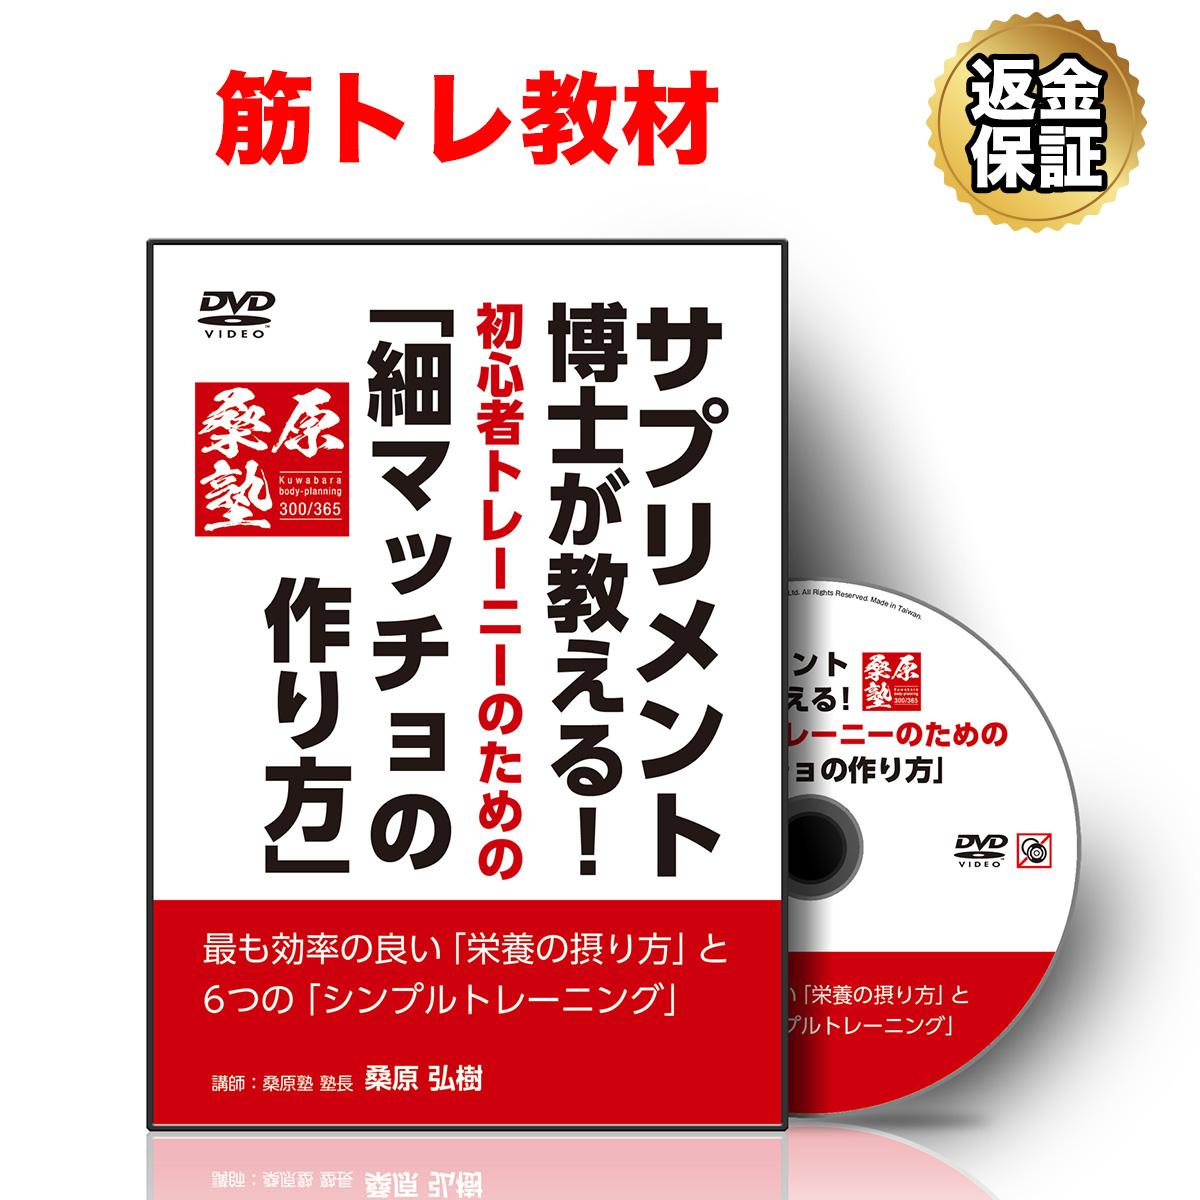 筋トレ 教材 DVD サプリメント博士が教える 予約販売 初心者トレーニーのための 細マッチョの作り方 ~最も効率の良い シンプルトレーニング と6つの 栄養の摂り方 ~ 価格 交渉 送料無料